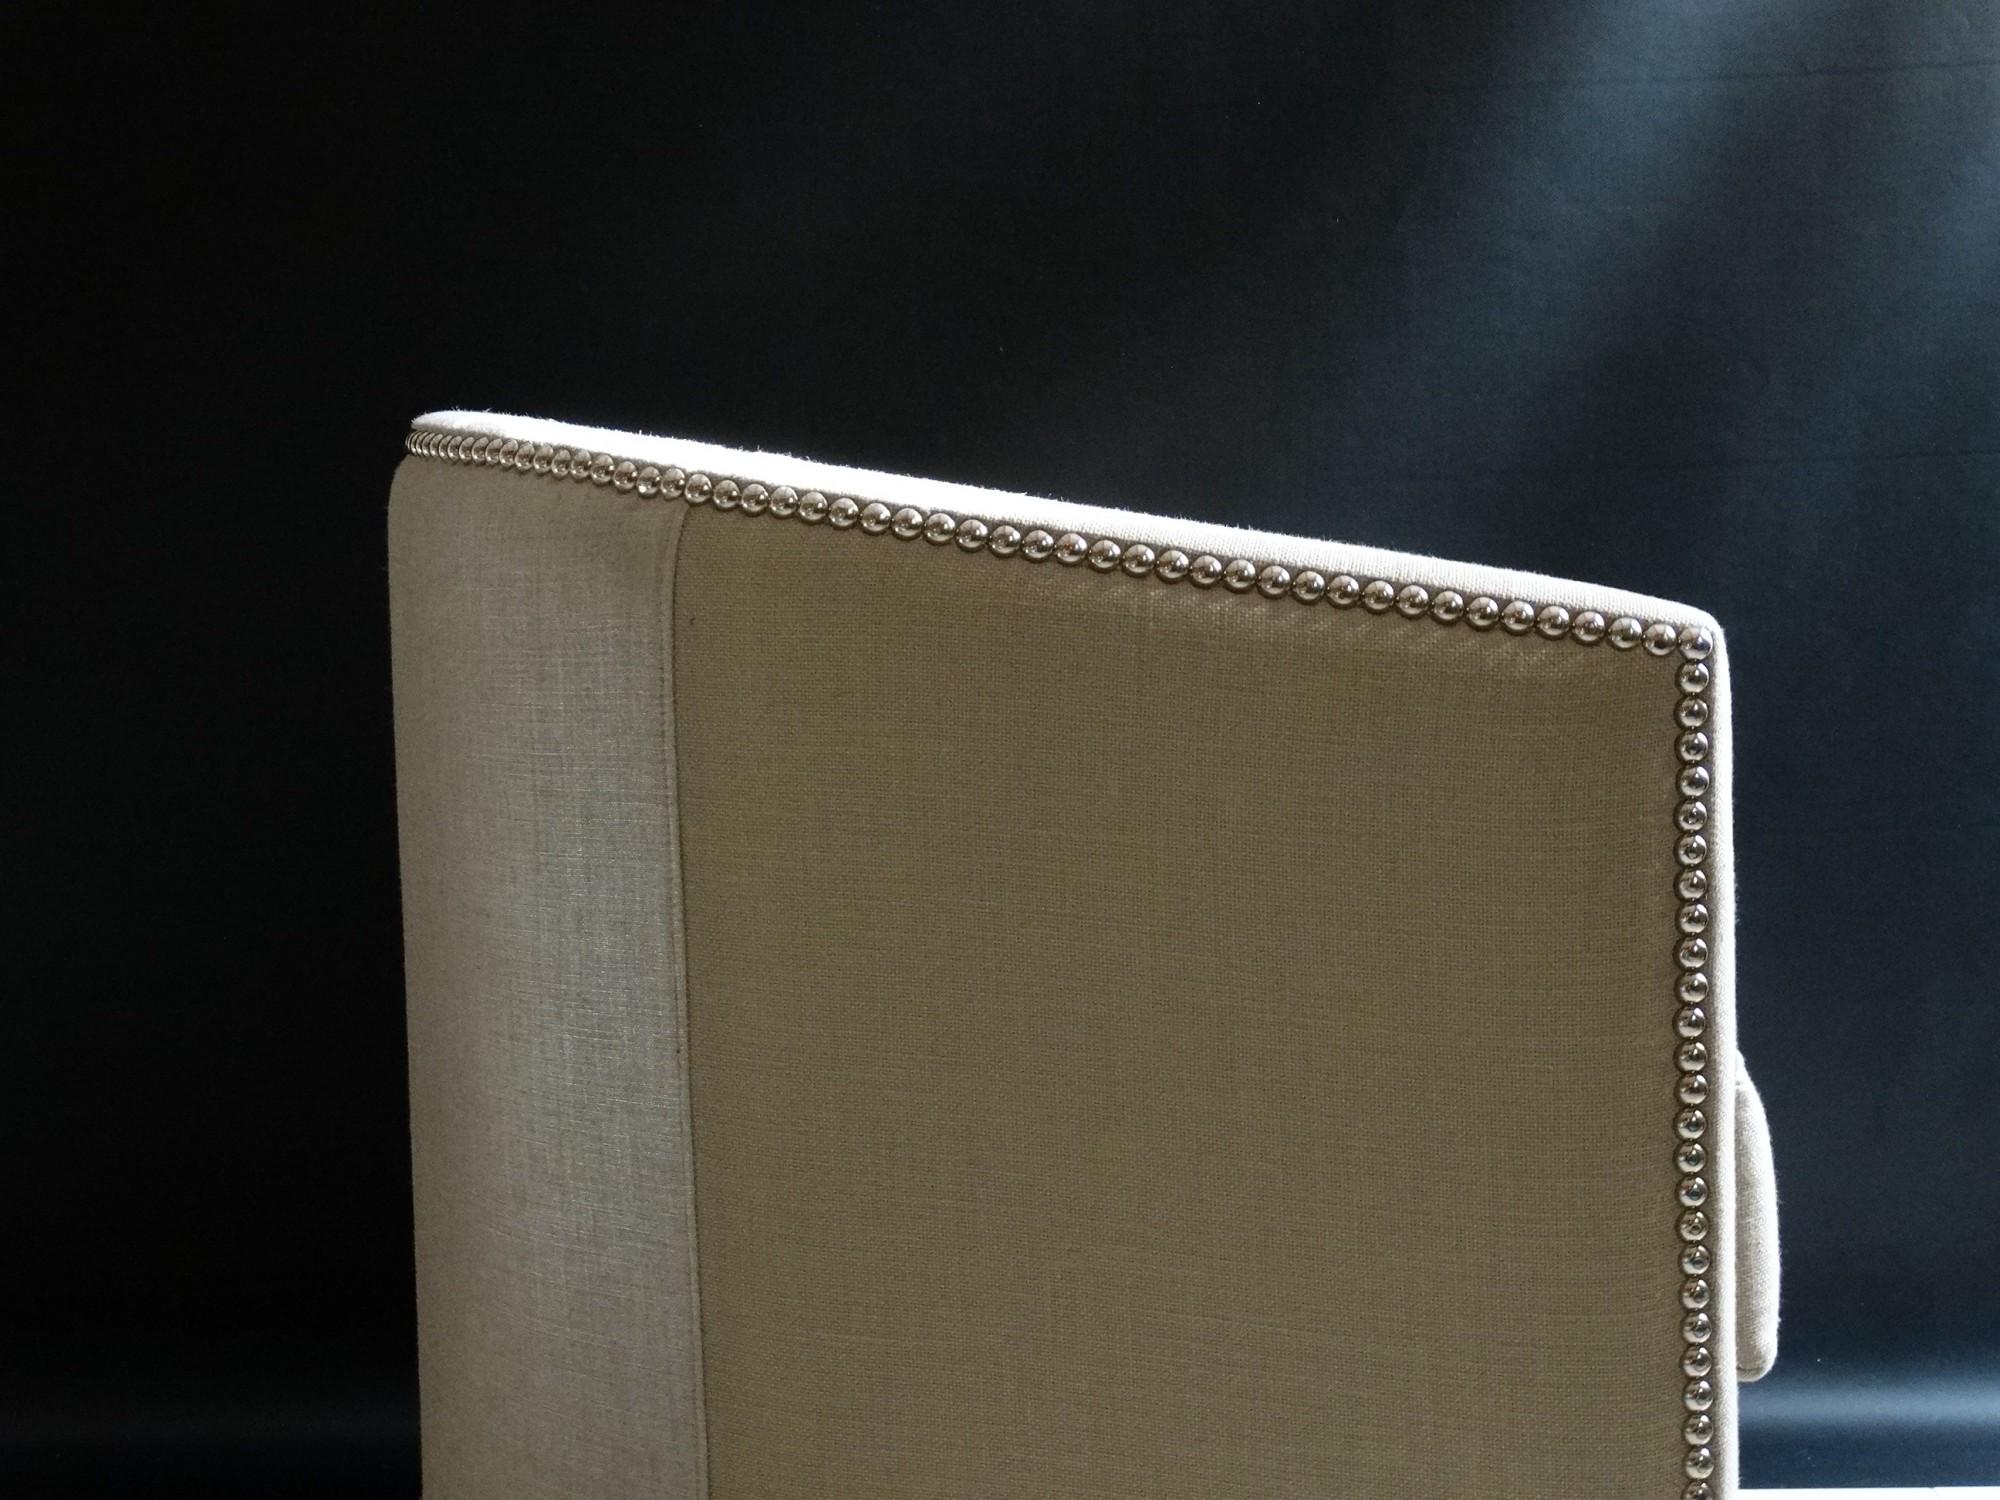 Fauteuil sur mesure capitonné en lin beige et argent à Nice